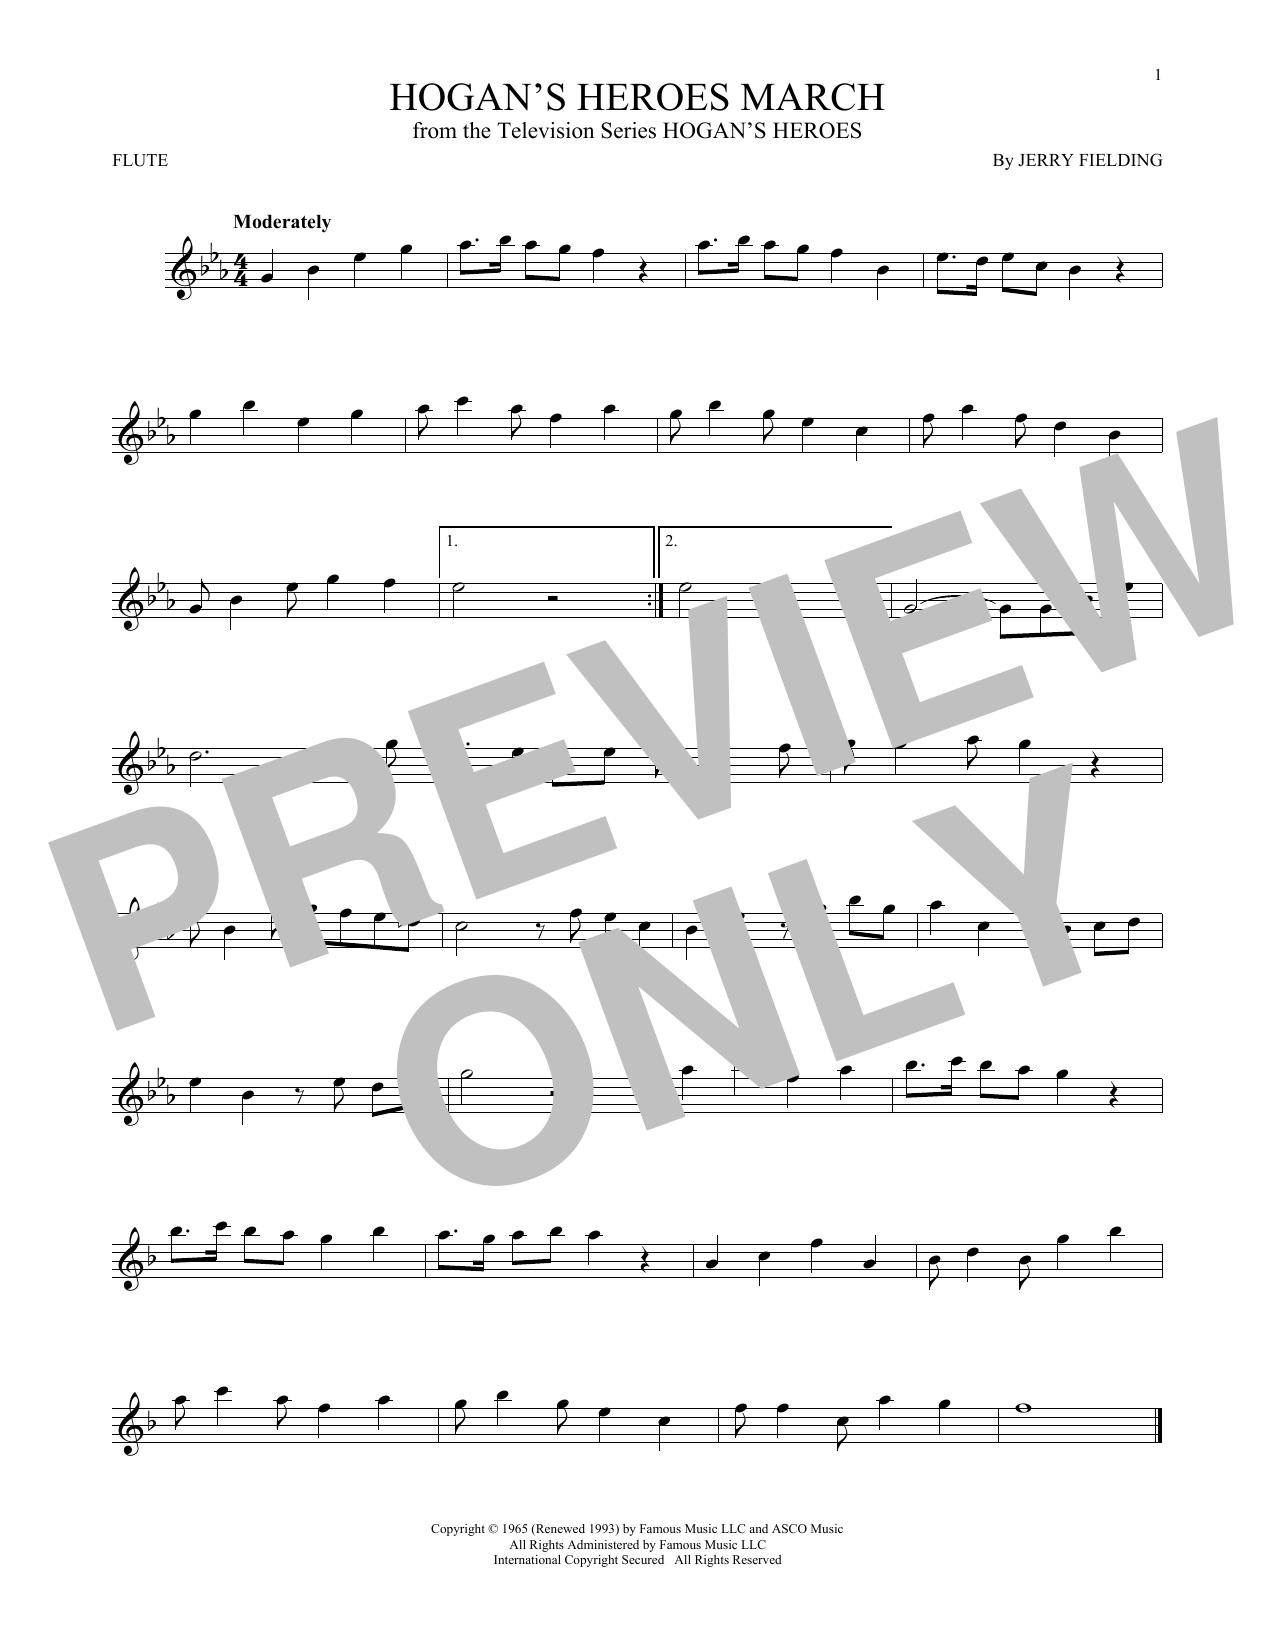 Partition flûte Hogan's Heroes March de Jerry Fielding - Flute traversiere